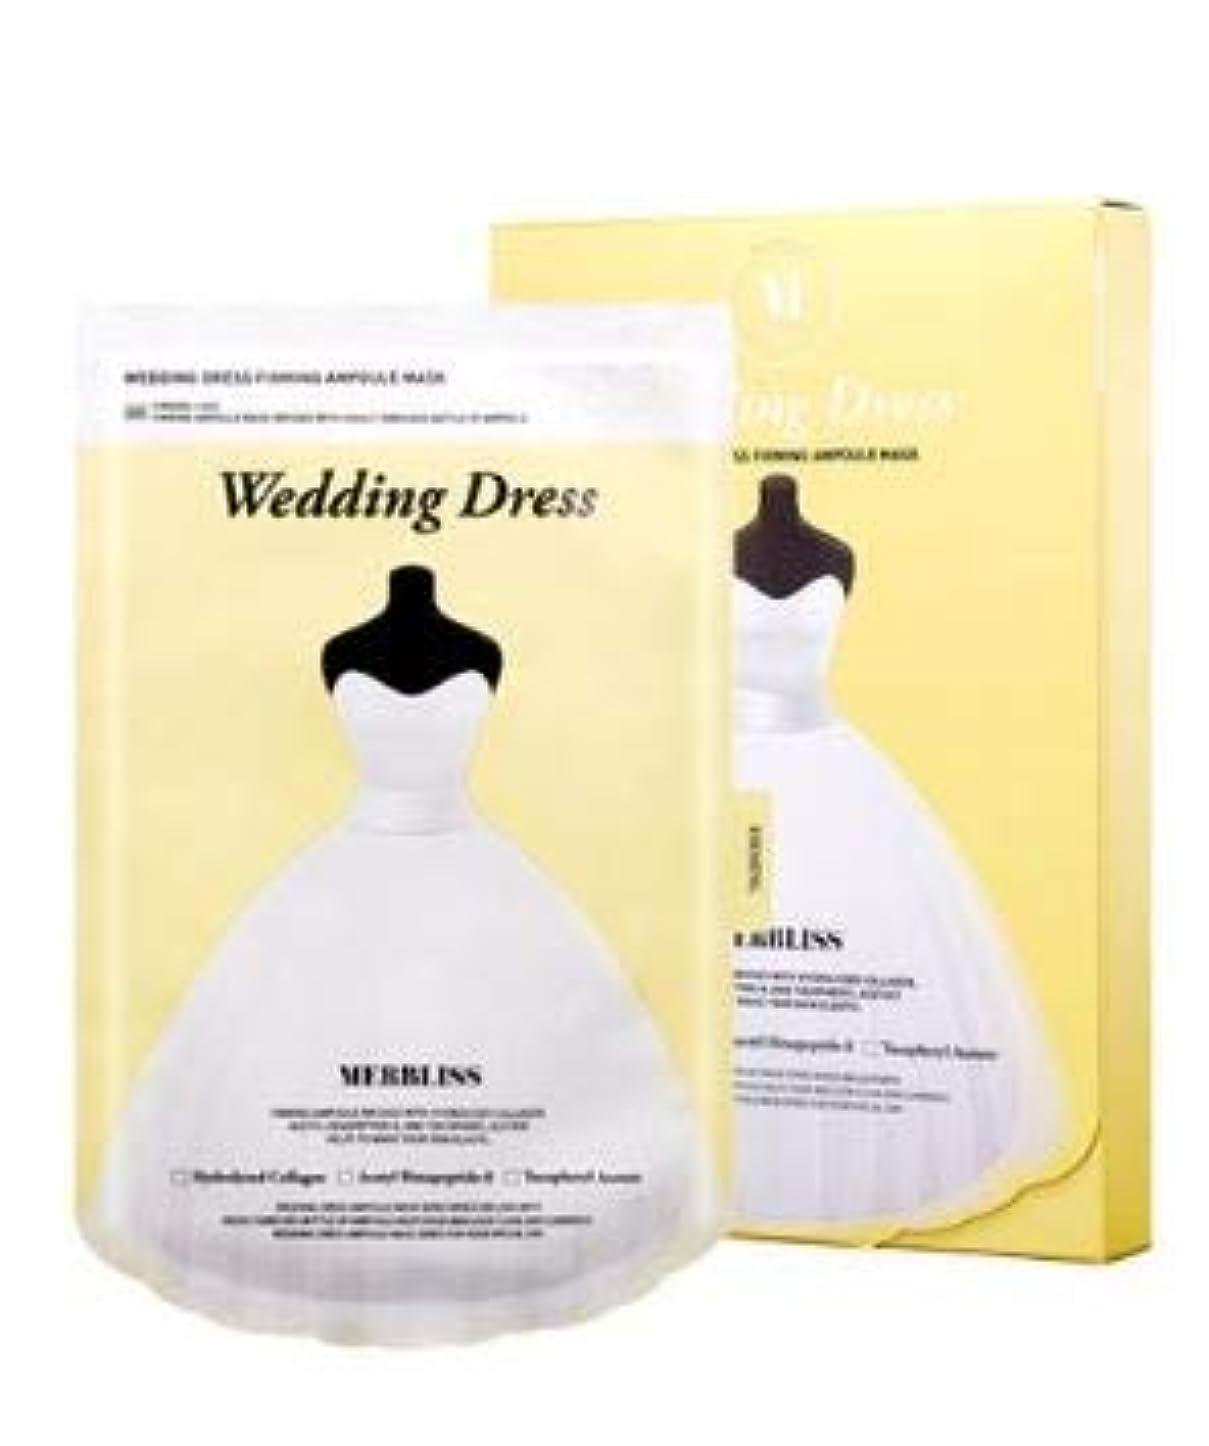 タービン出版ワイン[Merbliss] Wedding Dress Firming Ampoule Mask 25gx5ea /ウェディングドレスファーミングアンプルマスク25gx5枚 [並行輸入品]